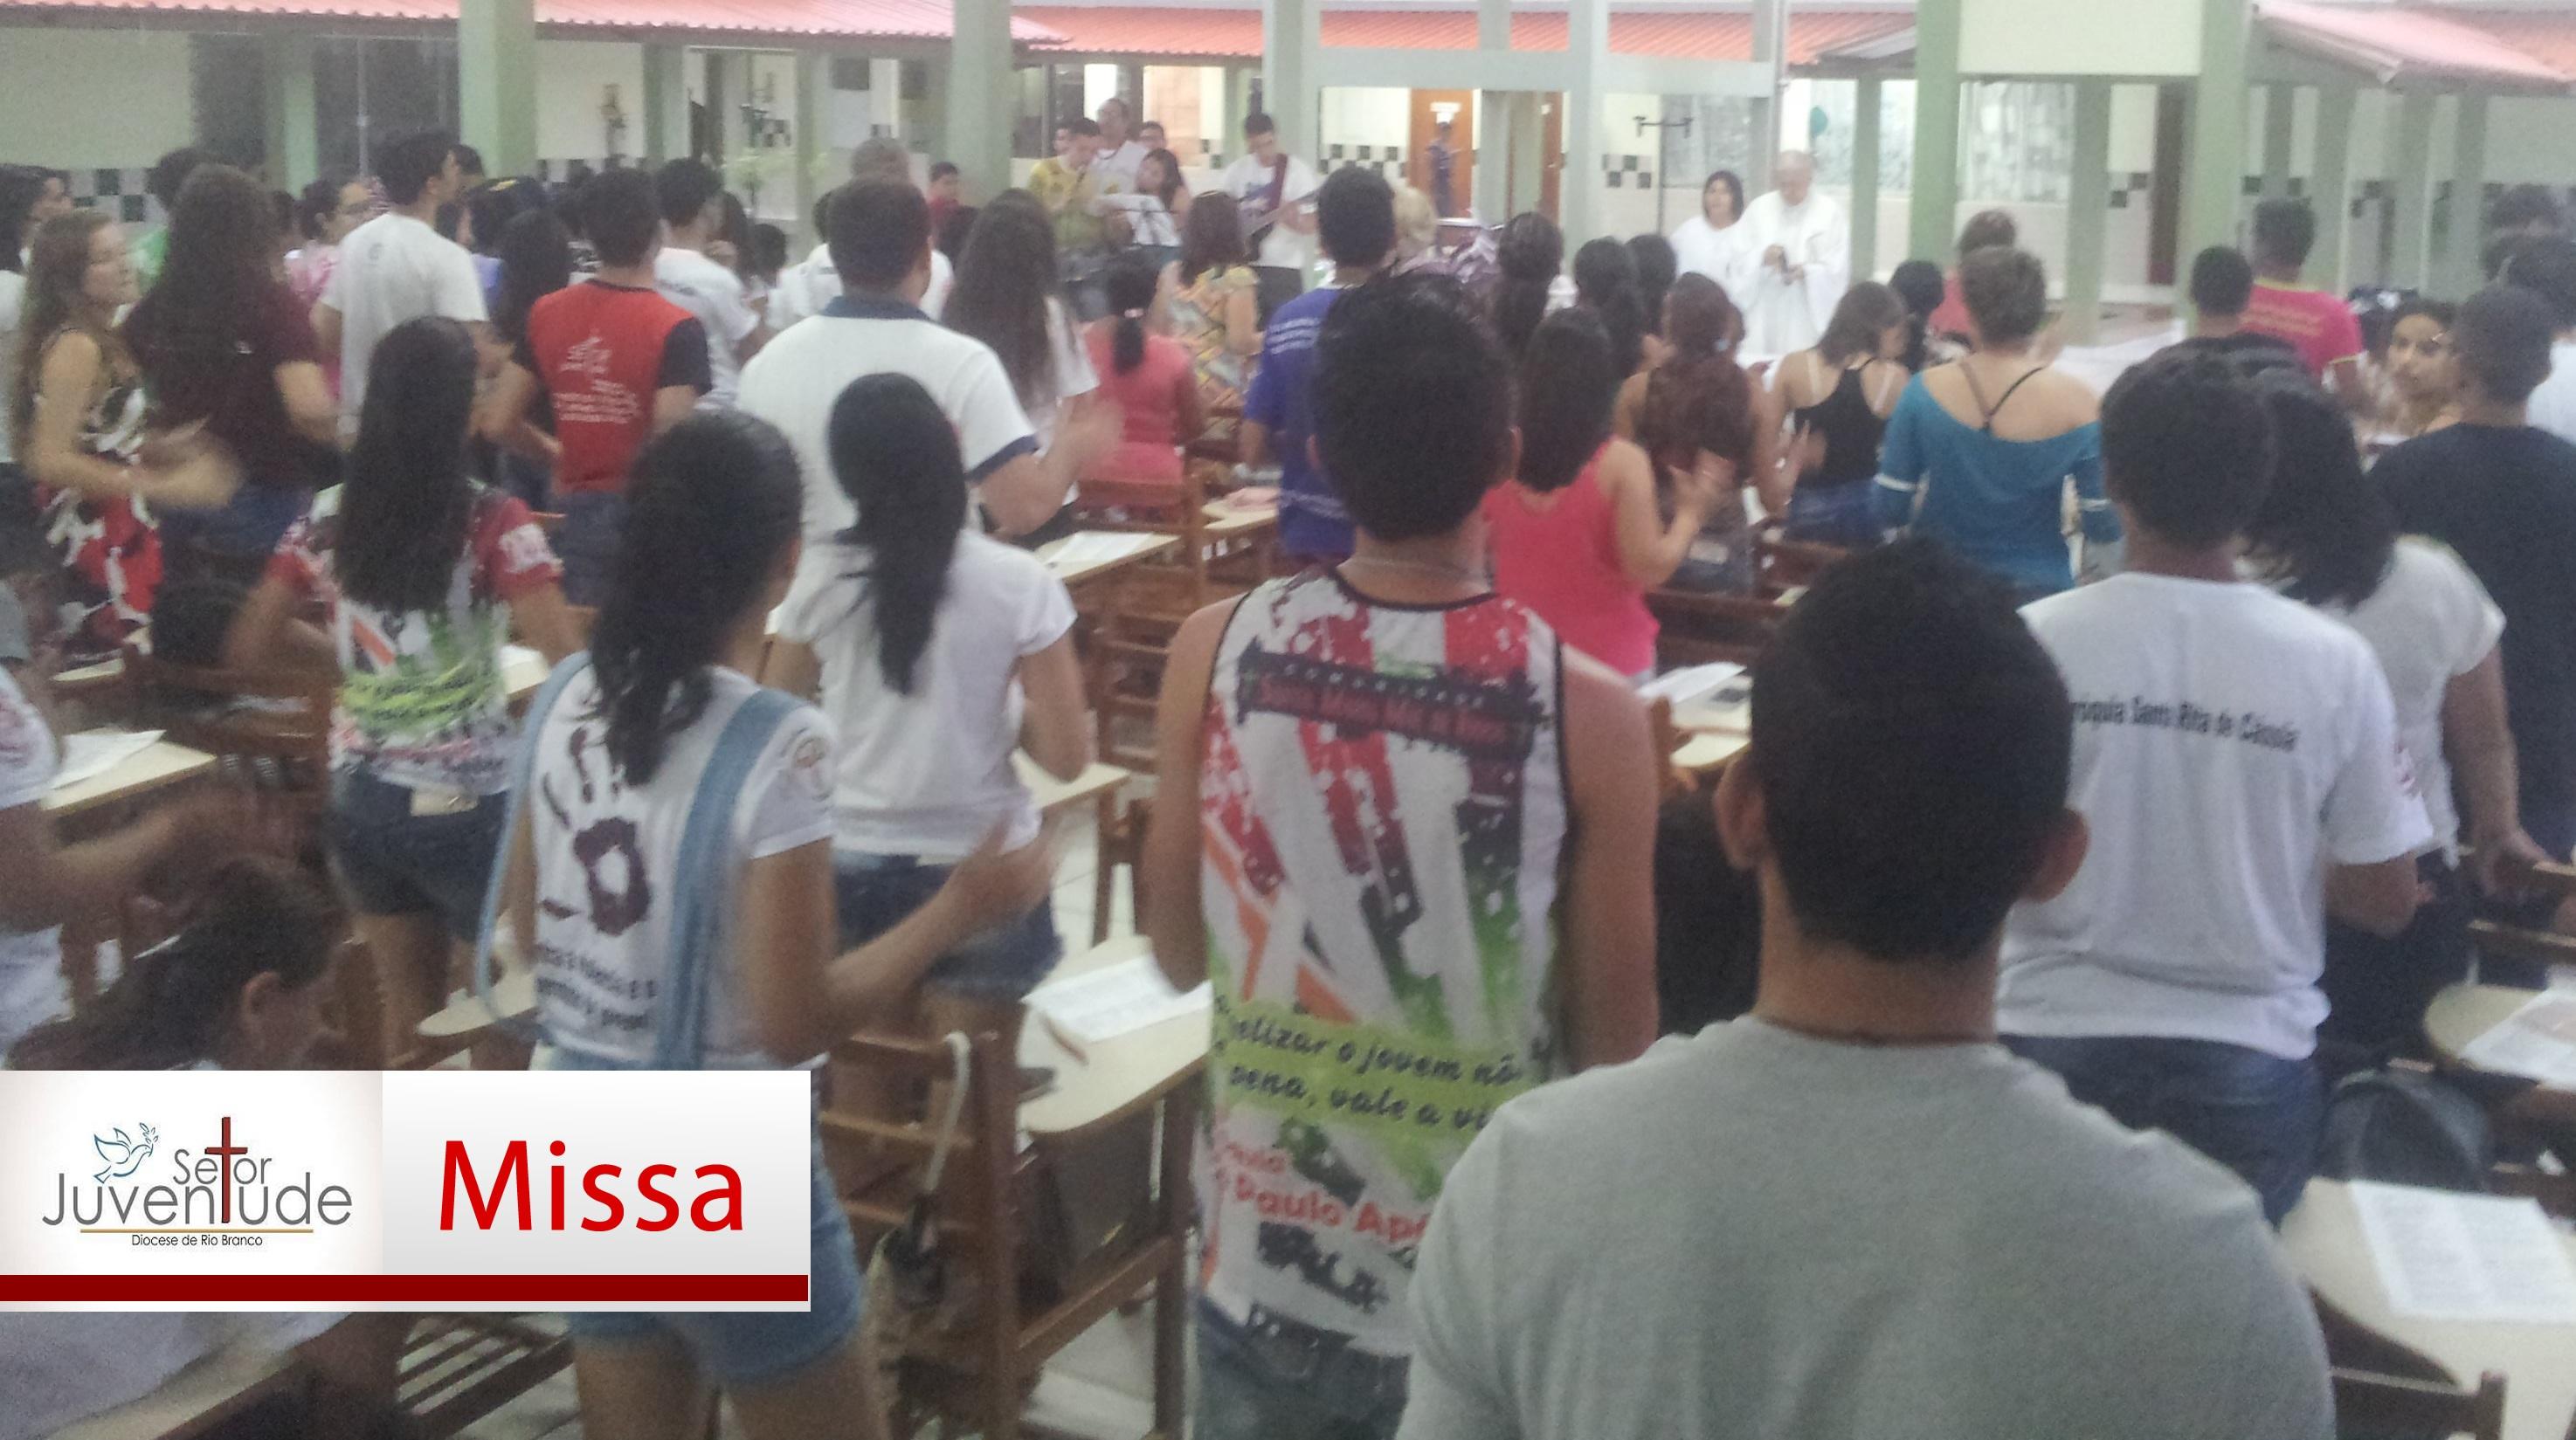 No Acre, Setor Juventude apresenta projeto #Rota300 e celebra 30 anos do DNJ